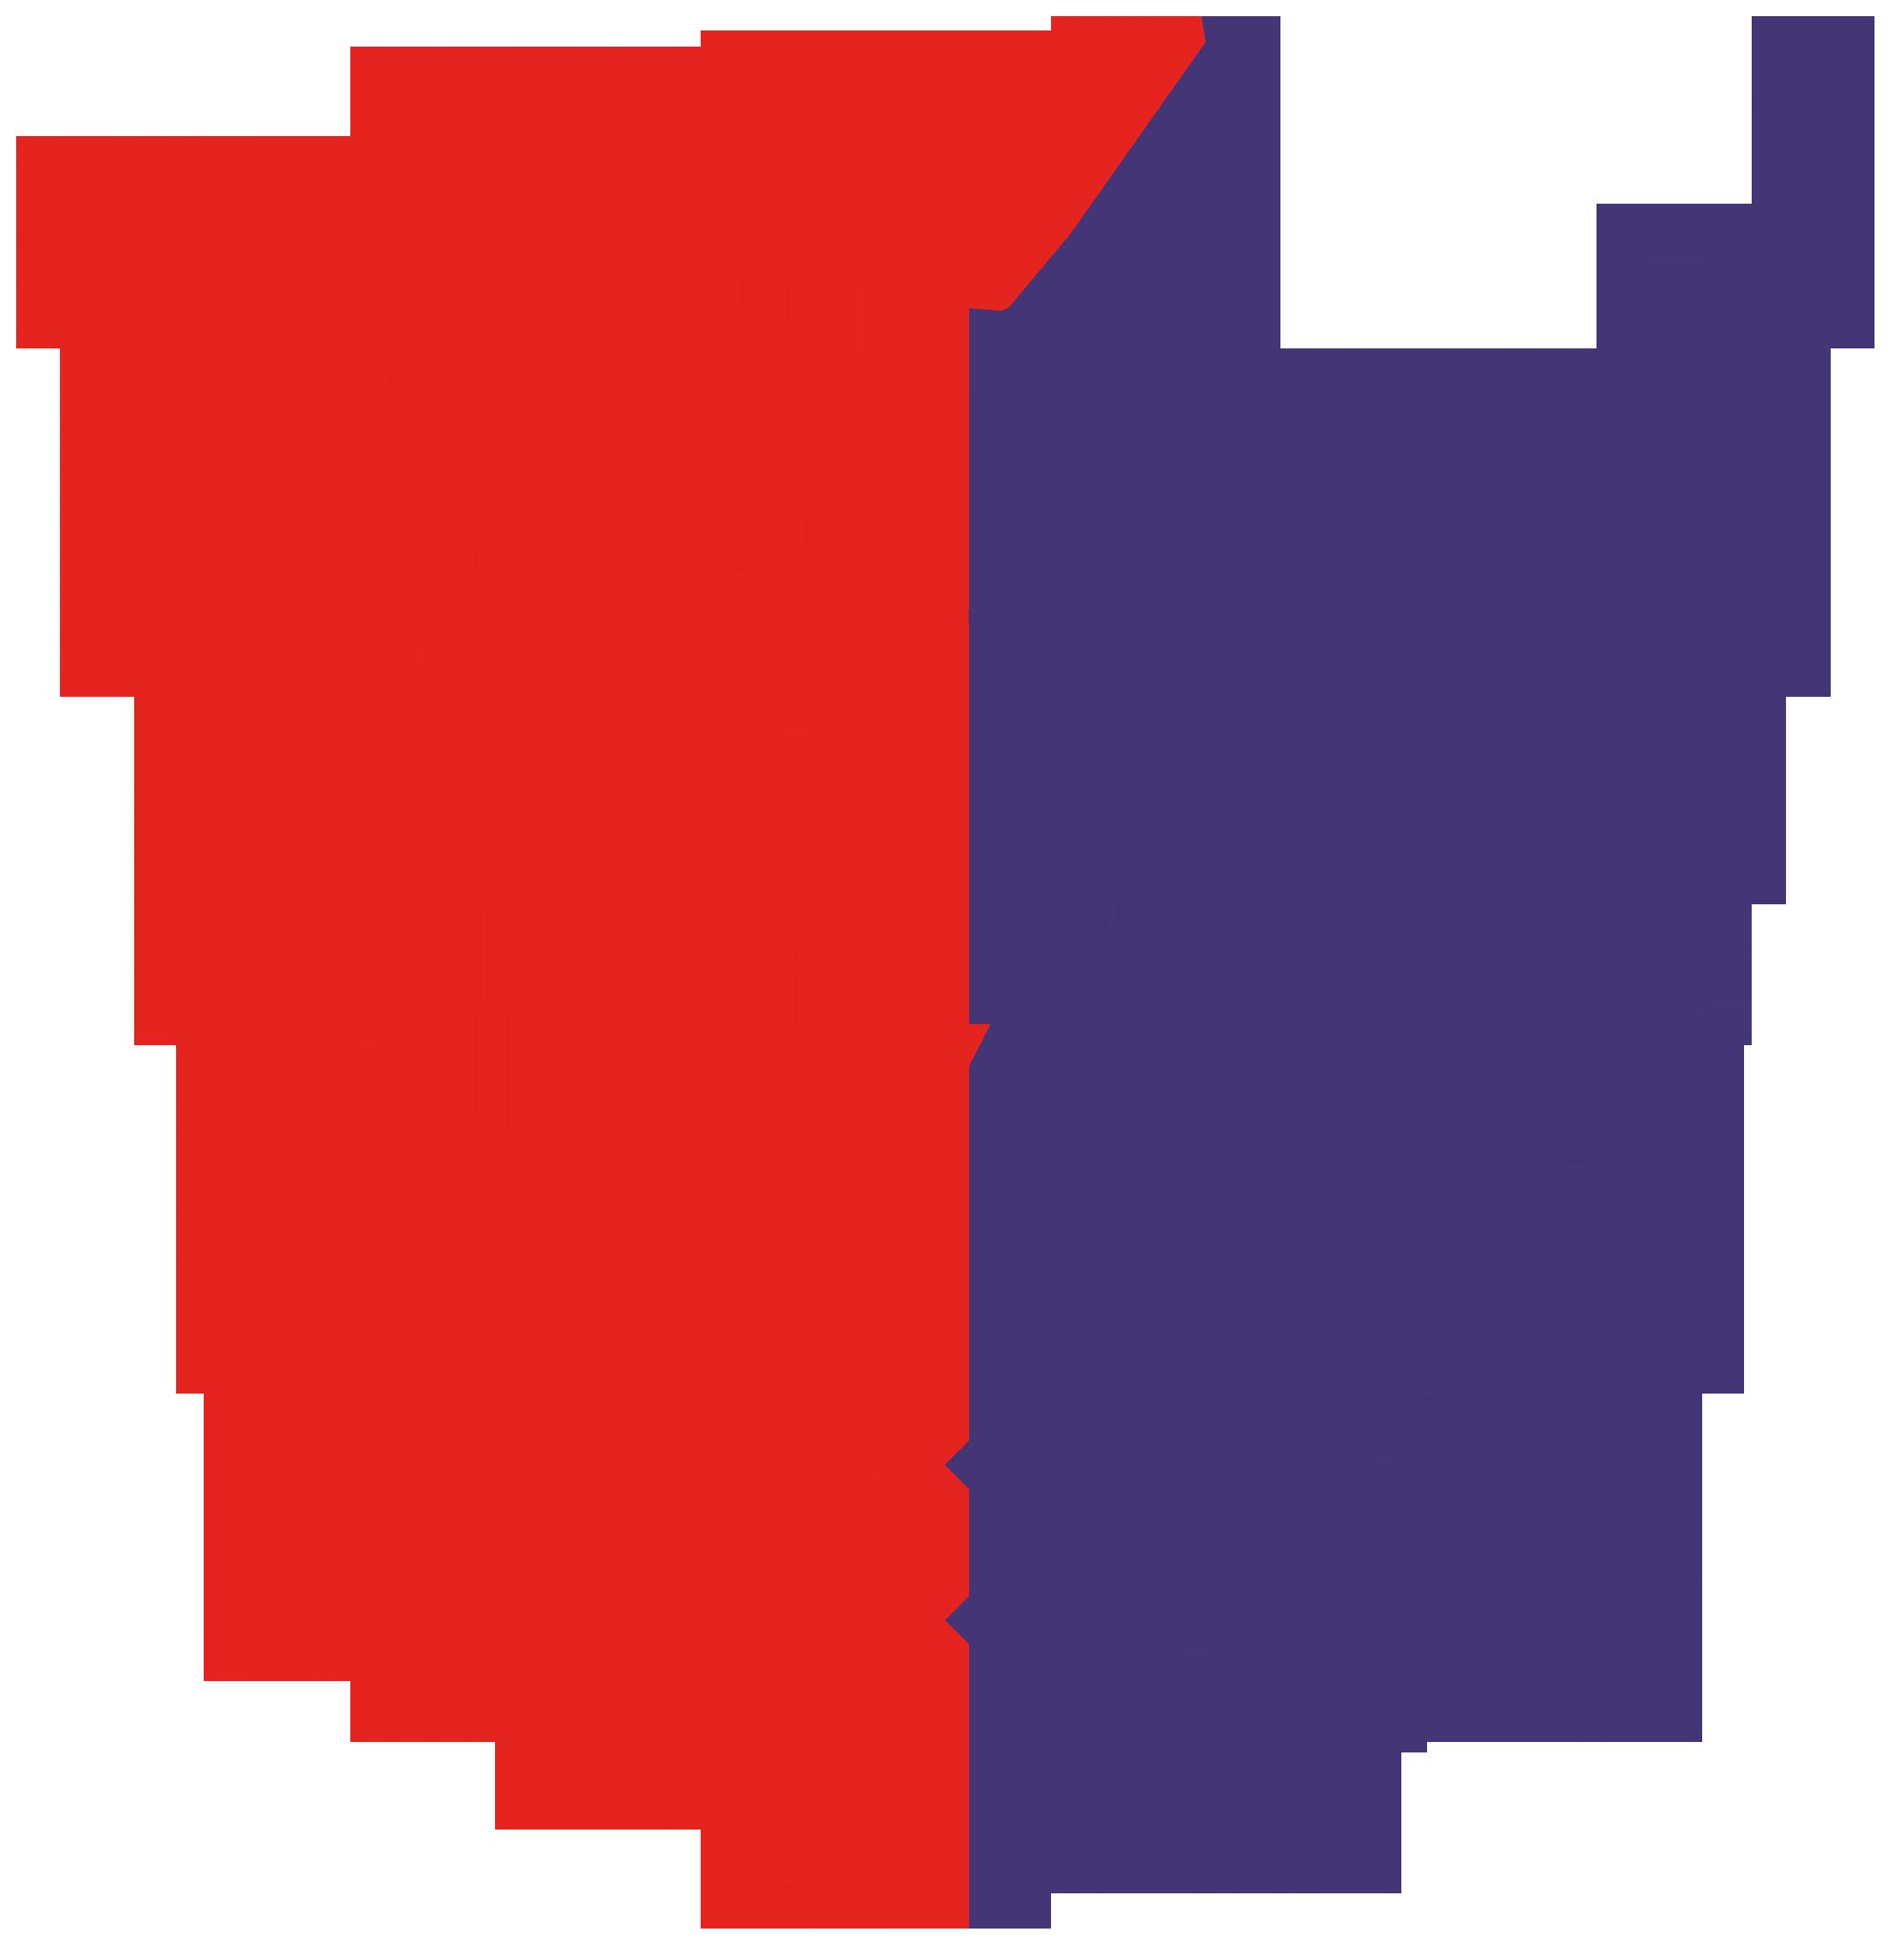 Half Autobot Half Decepticon Logos